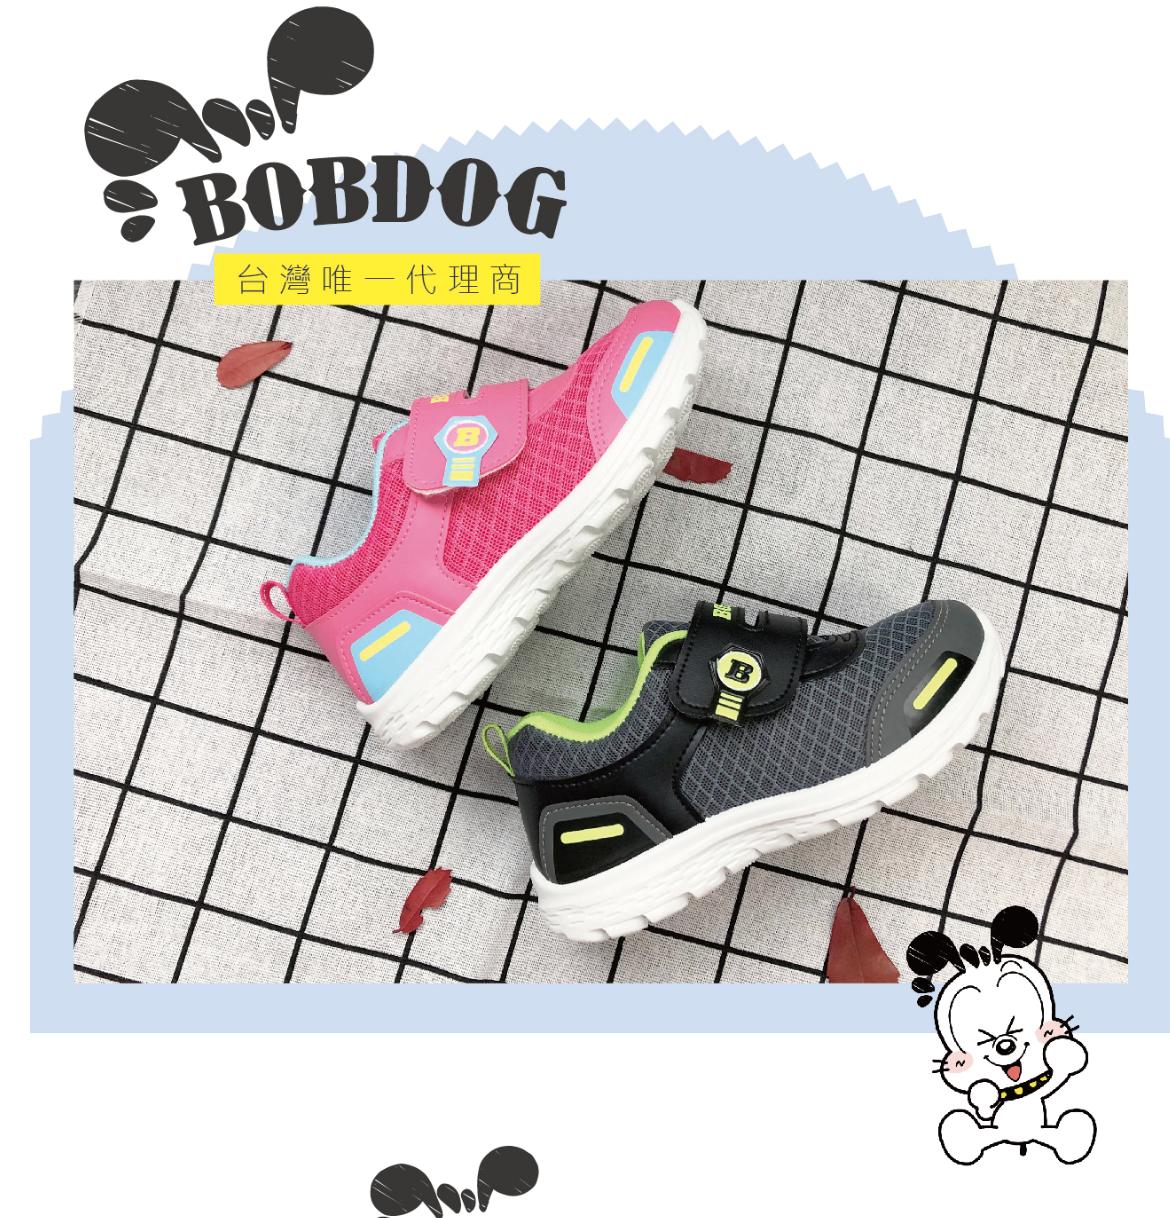 巴布豆Bobdog 桃色撞色寬帶魔鬼氈休閒 童鞋 MIT 日本品牌 台灣製造 風靡全球 男童鞋 女童鞋 嬰兒鞋18~23公分